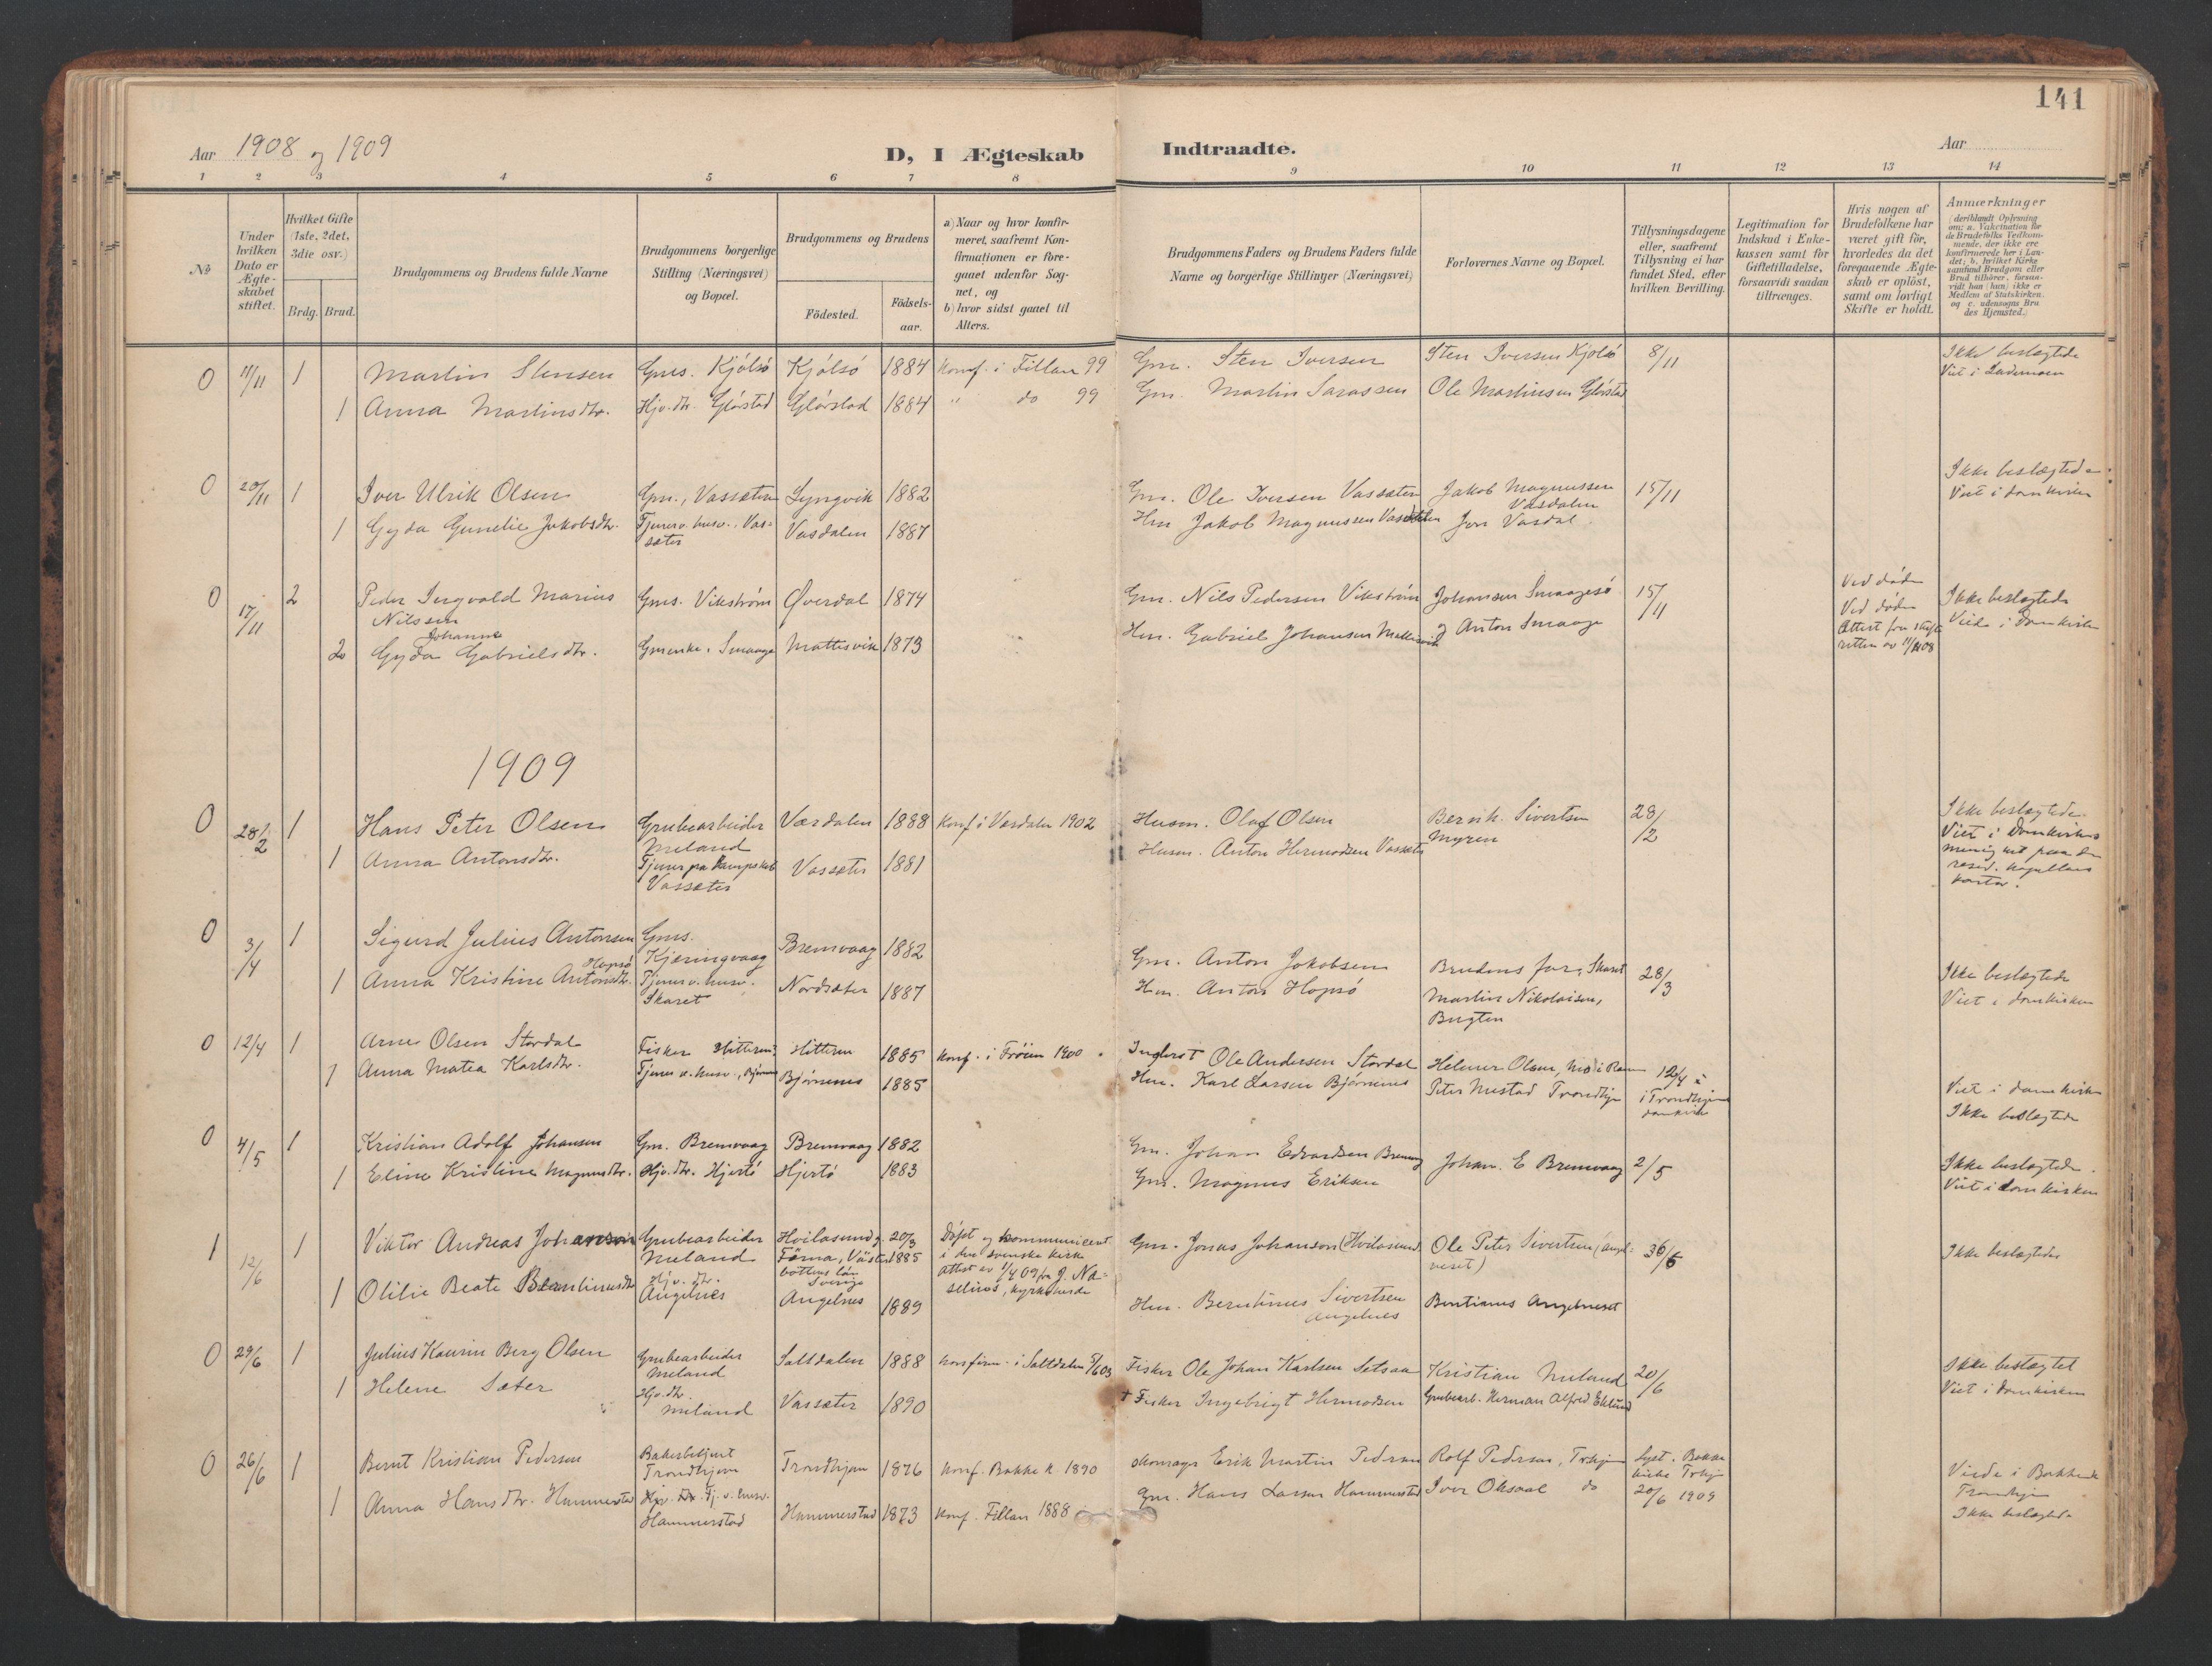 SAT, Ministerialprotokoller, klokkerbøker og fødselsregistre - Sør-Trøndelag, 634/L0537: Ministerialbok nr. 634A13, 1896-1922, s. 141